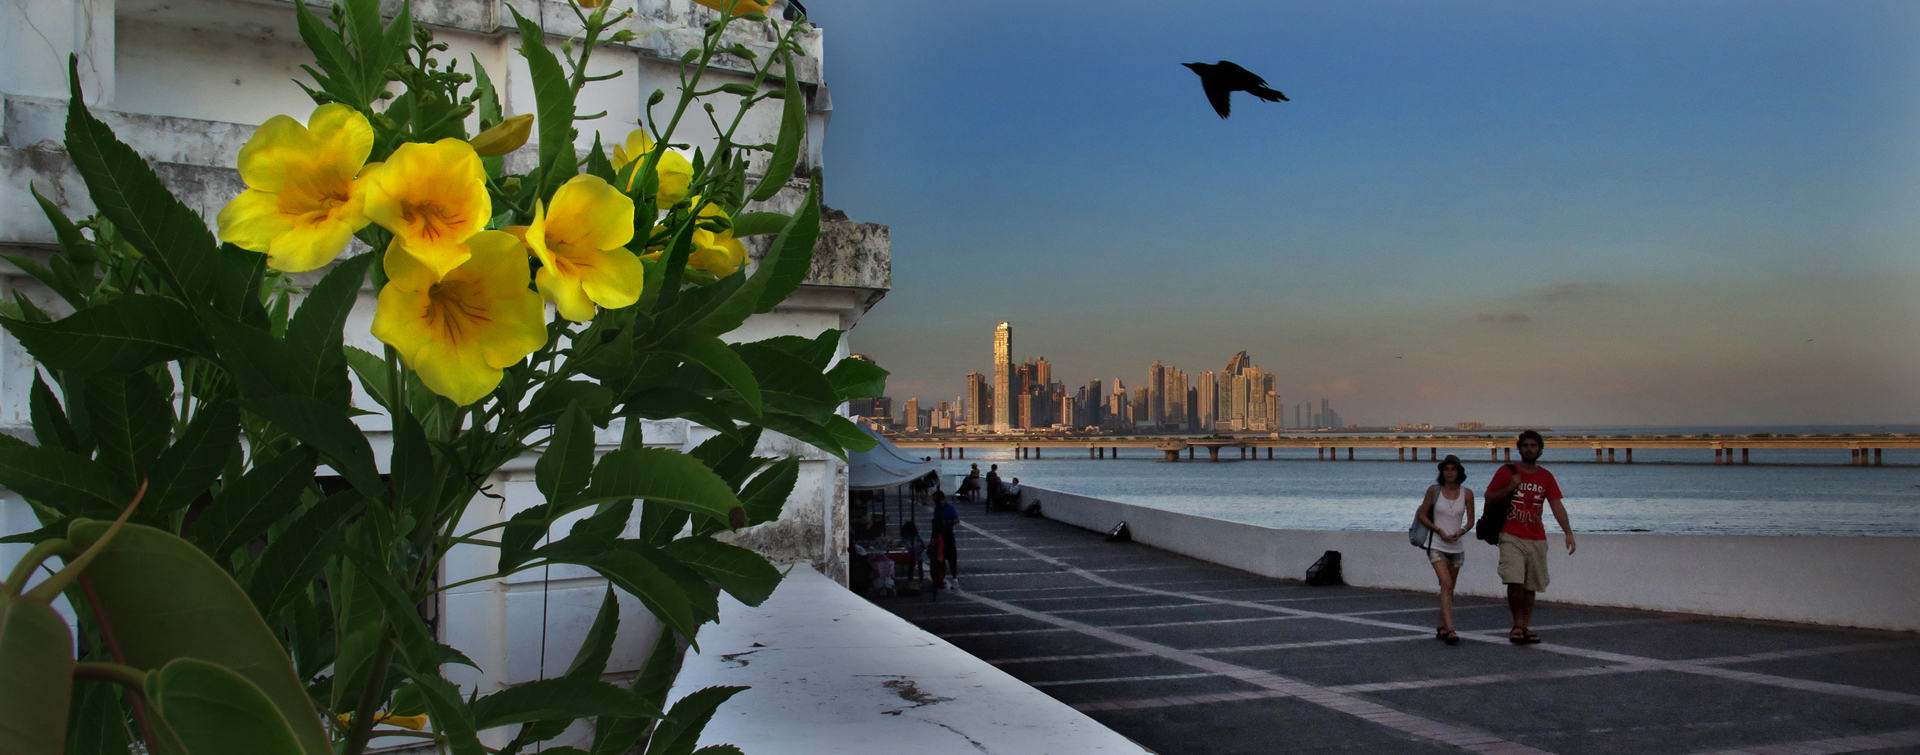 Panama 2016, copyright RodneyCurtis.com 0004